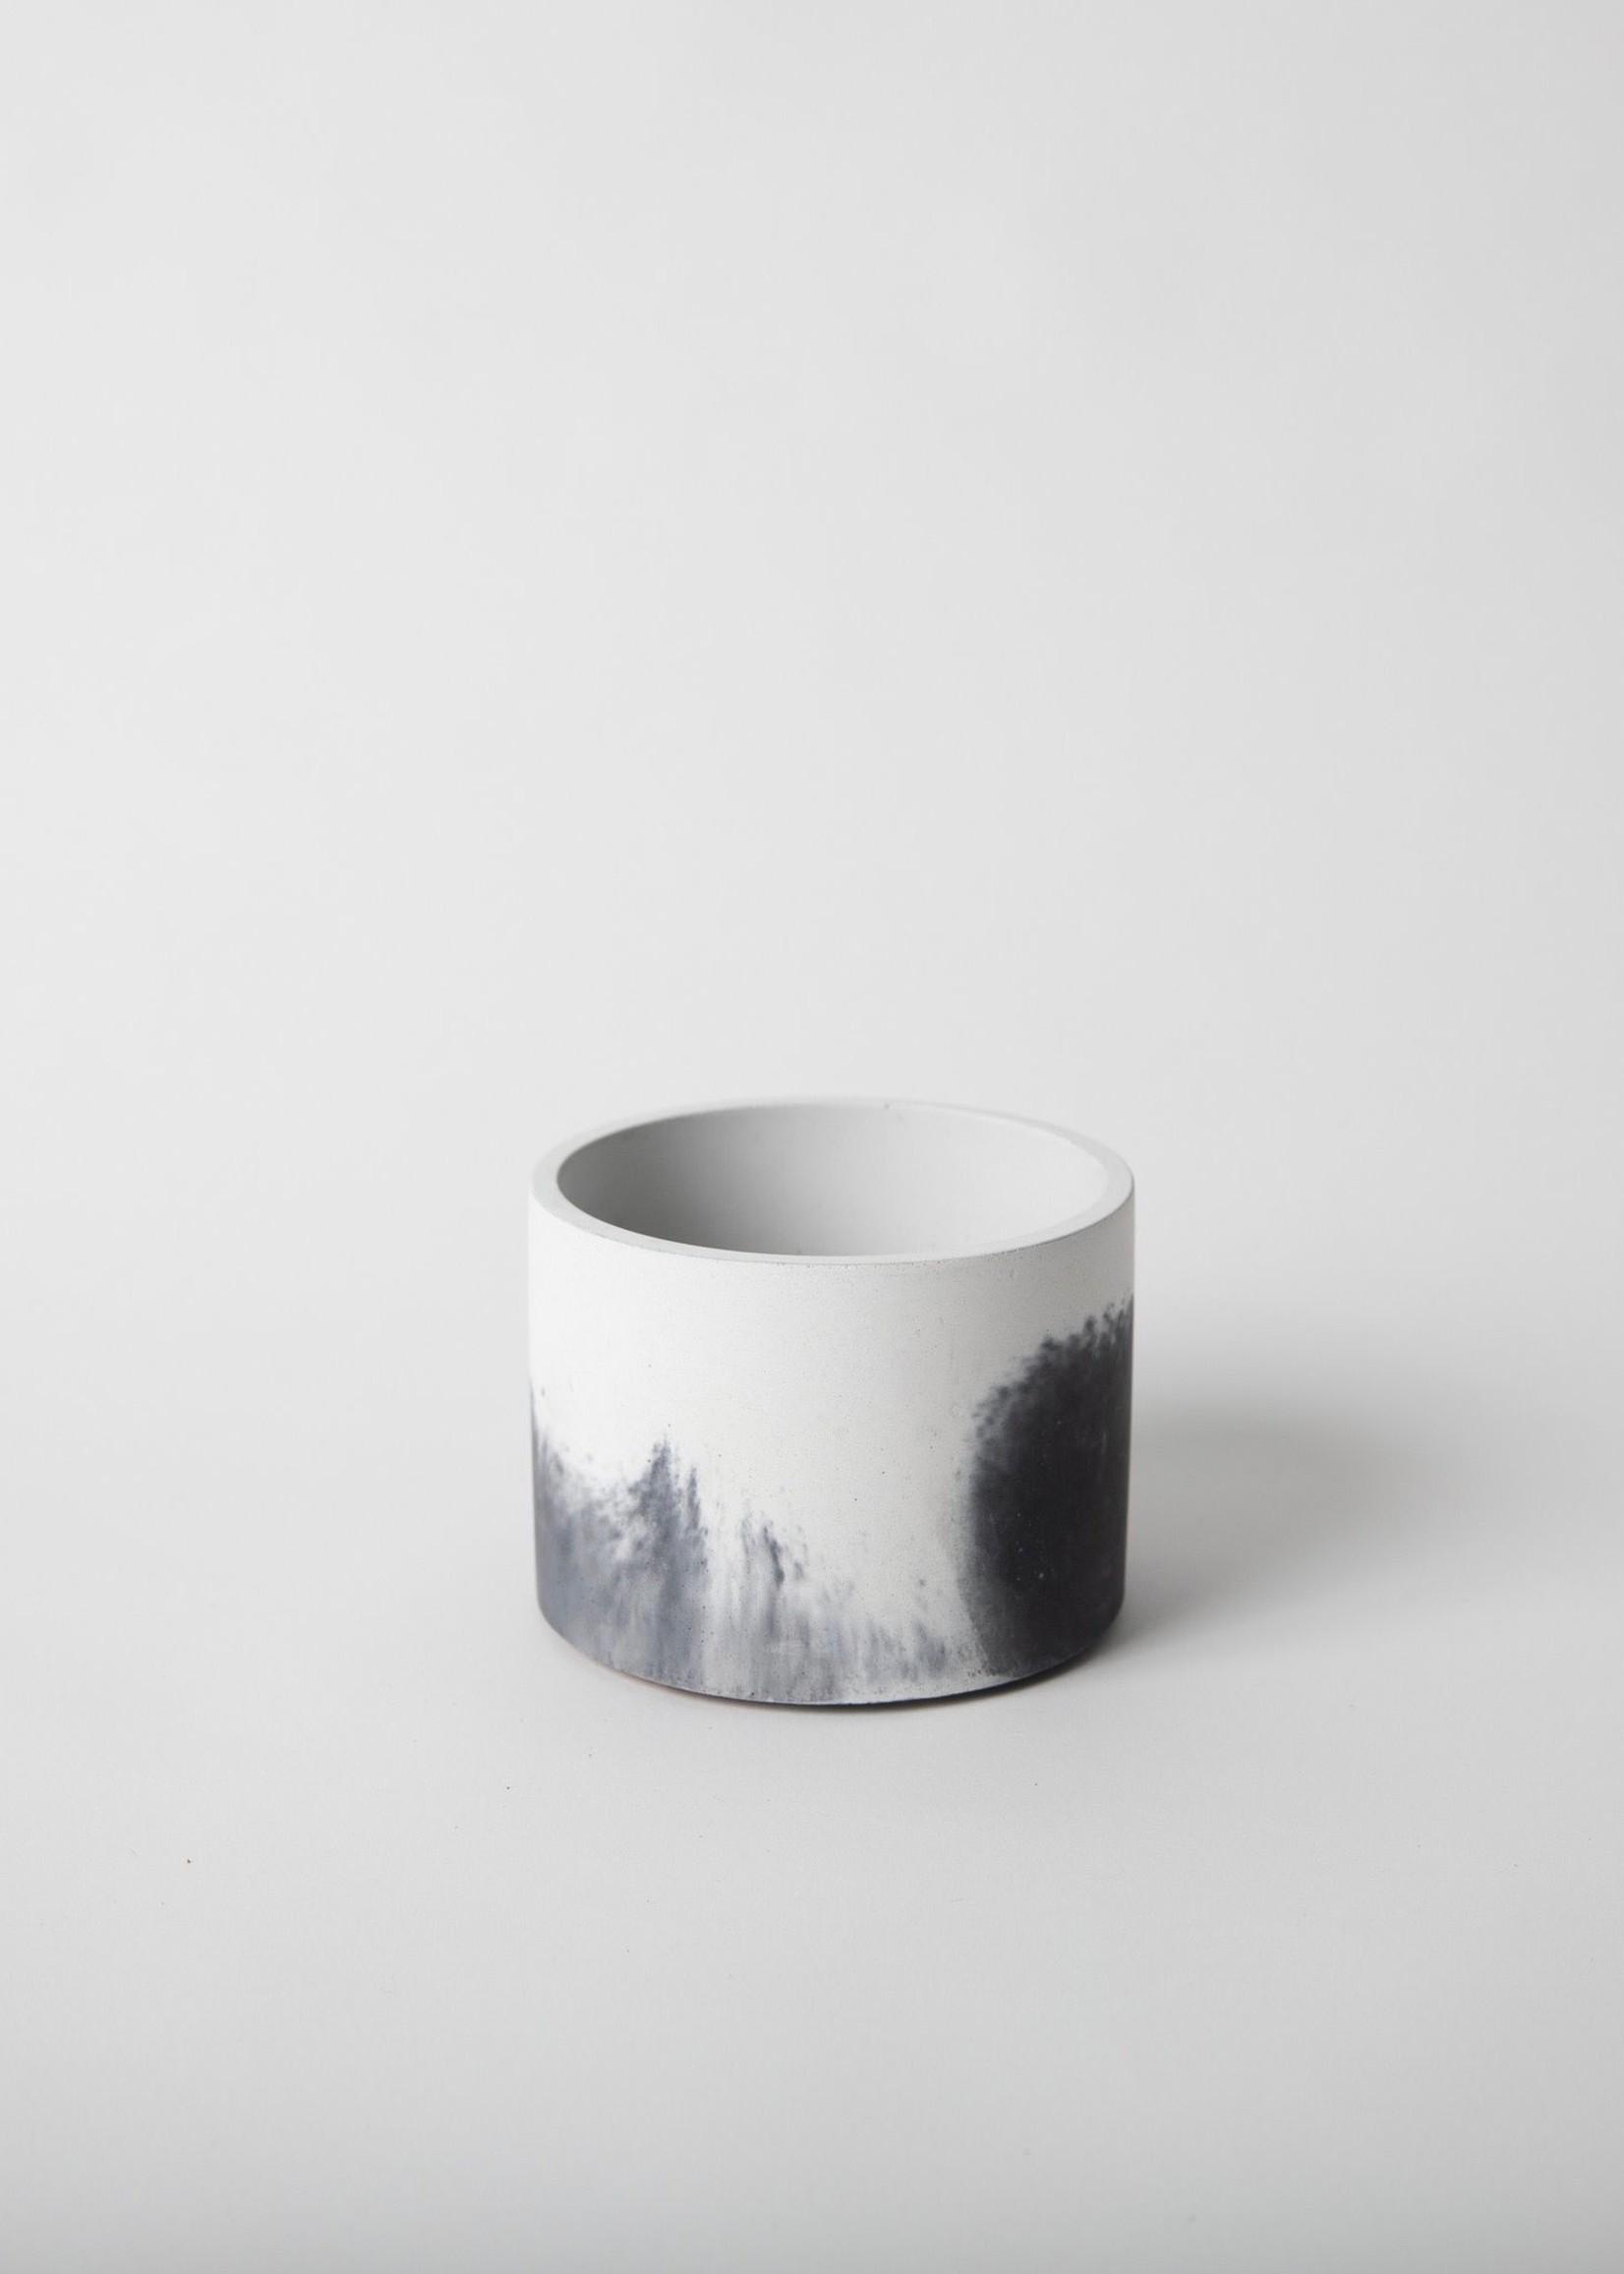 Pretti Cool Pot 10cm de Pretti Cool